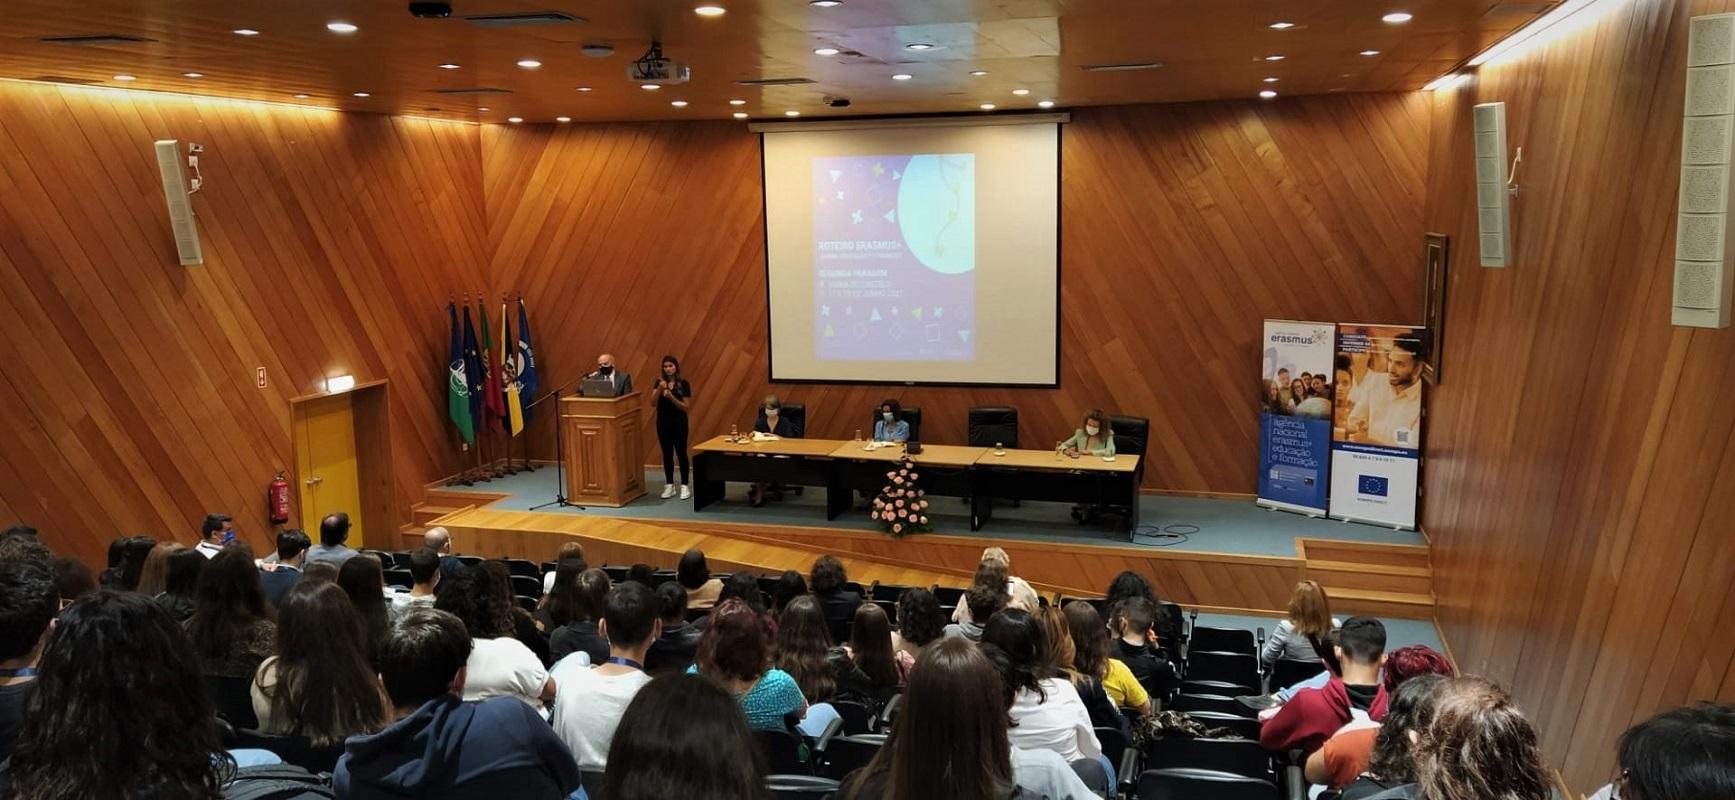 IPVC acolheu a segunda paragem do Roteiro Erasmus+ Jovens Educação e Formação